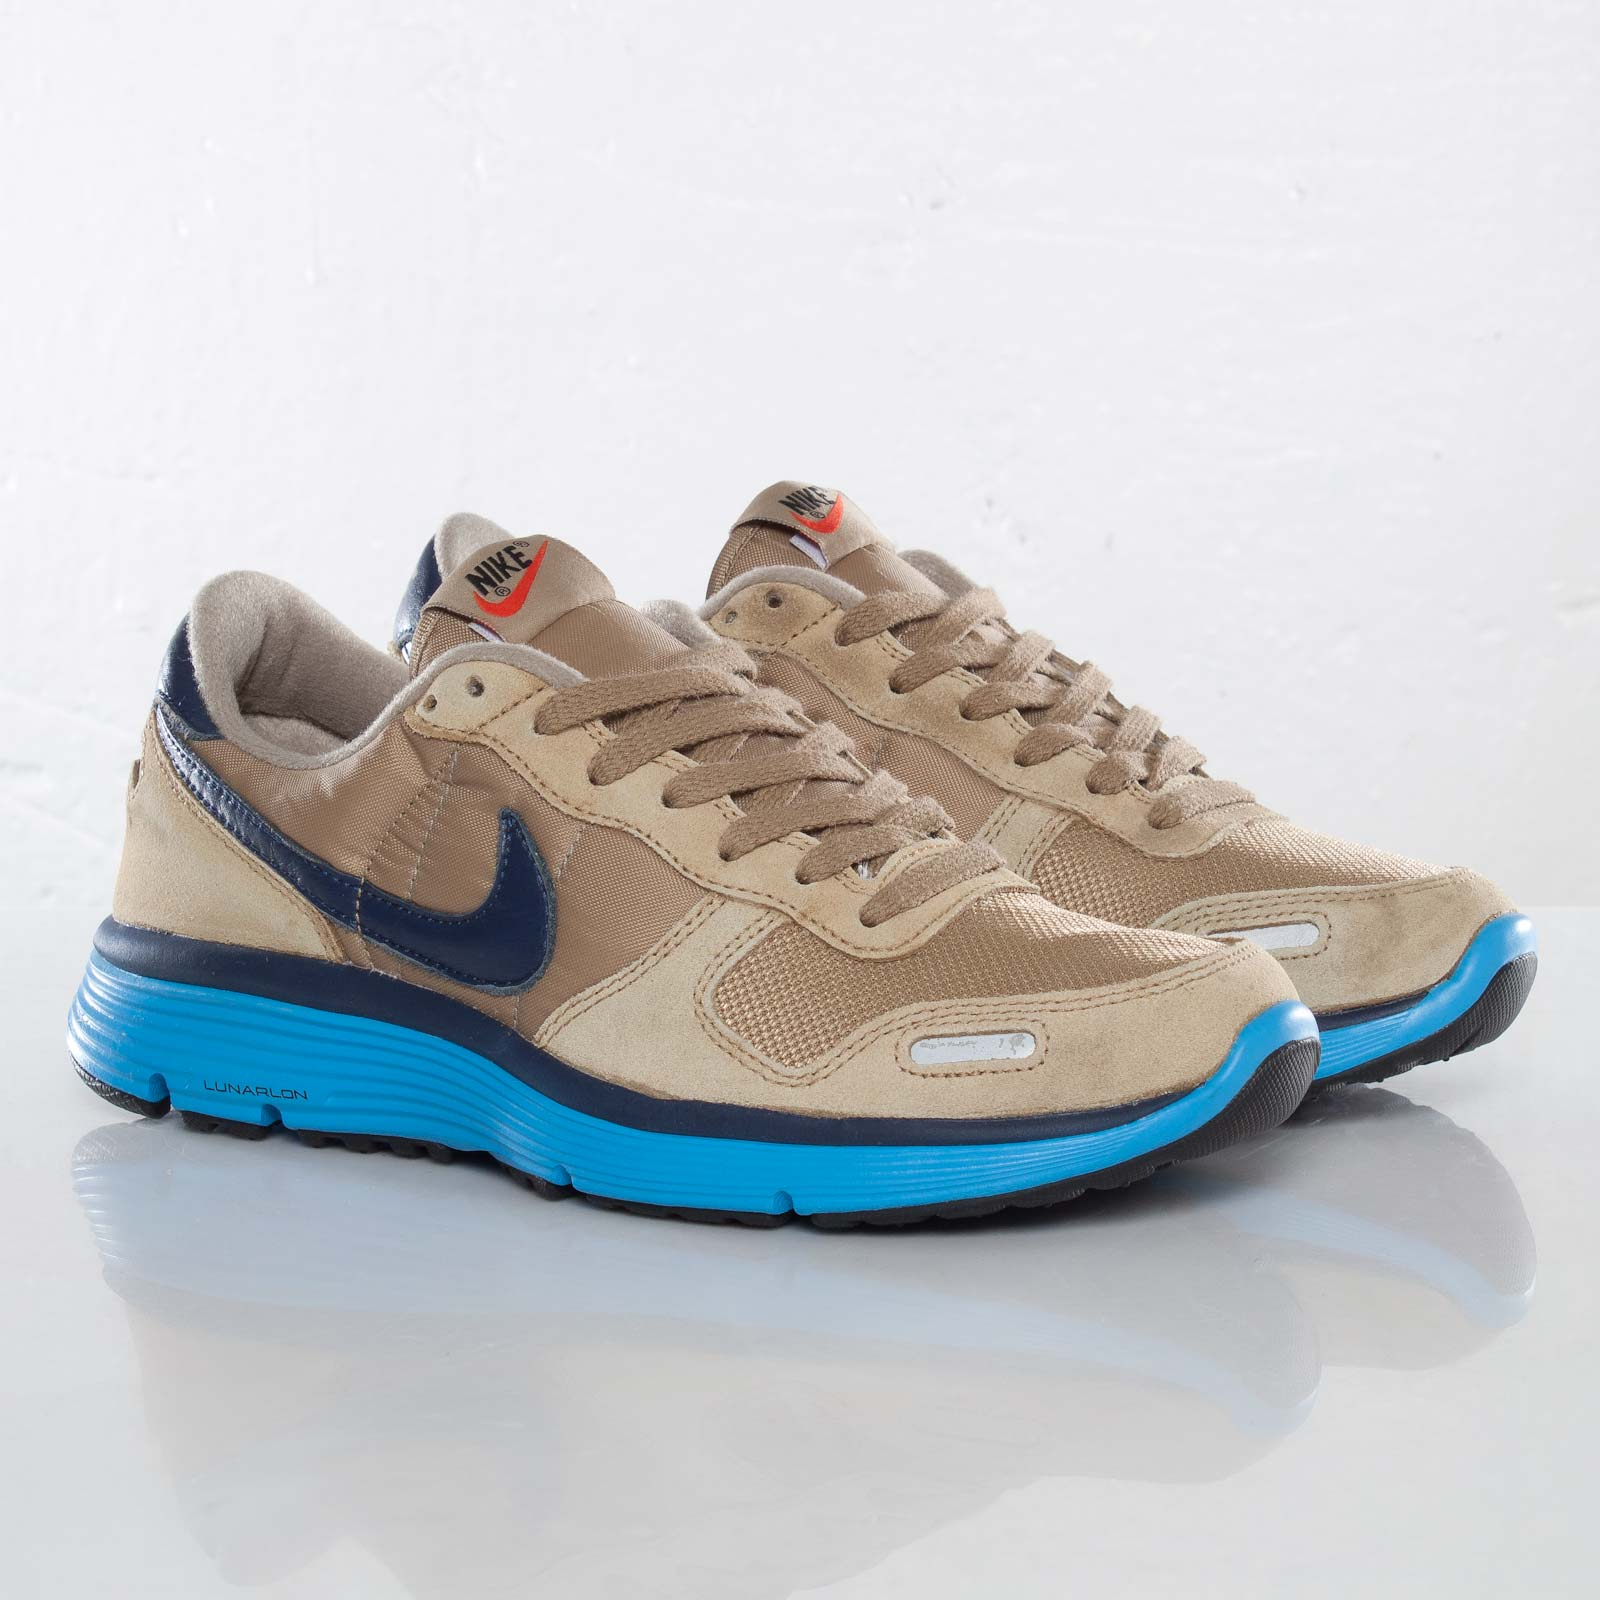 rodar Lago taupo Alergia  Nike Vortex Vintage Lunar (+) NRG - 559710-240 - Sneakersnstuff | sneakers  & streetwear online since 1999